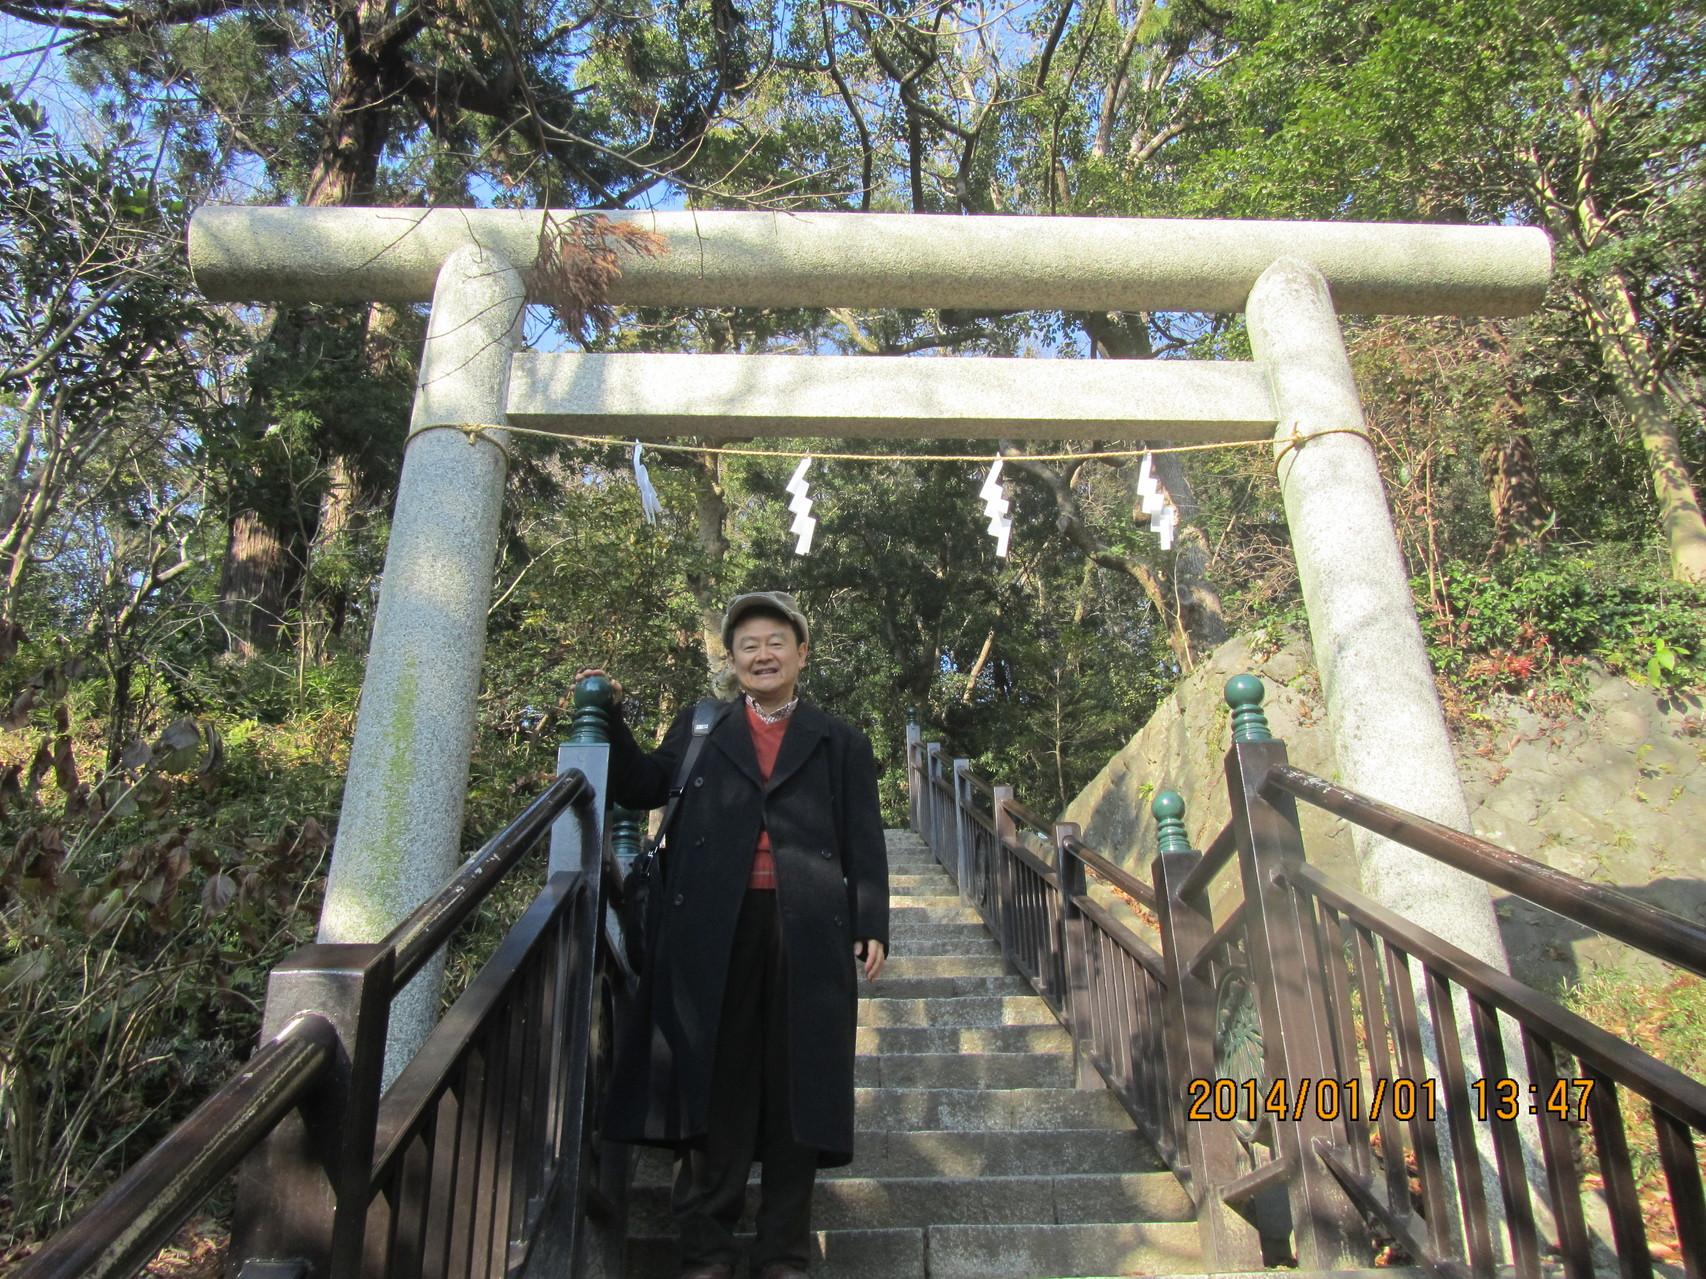 鎌倉、白旗神社。この階段を上ると源 頼朝(みなもとのよりとも)の墓があります。